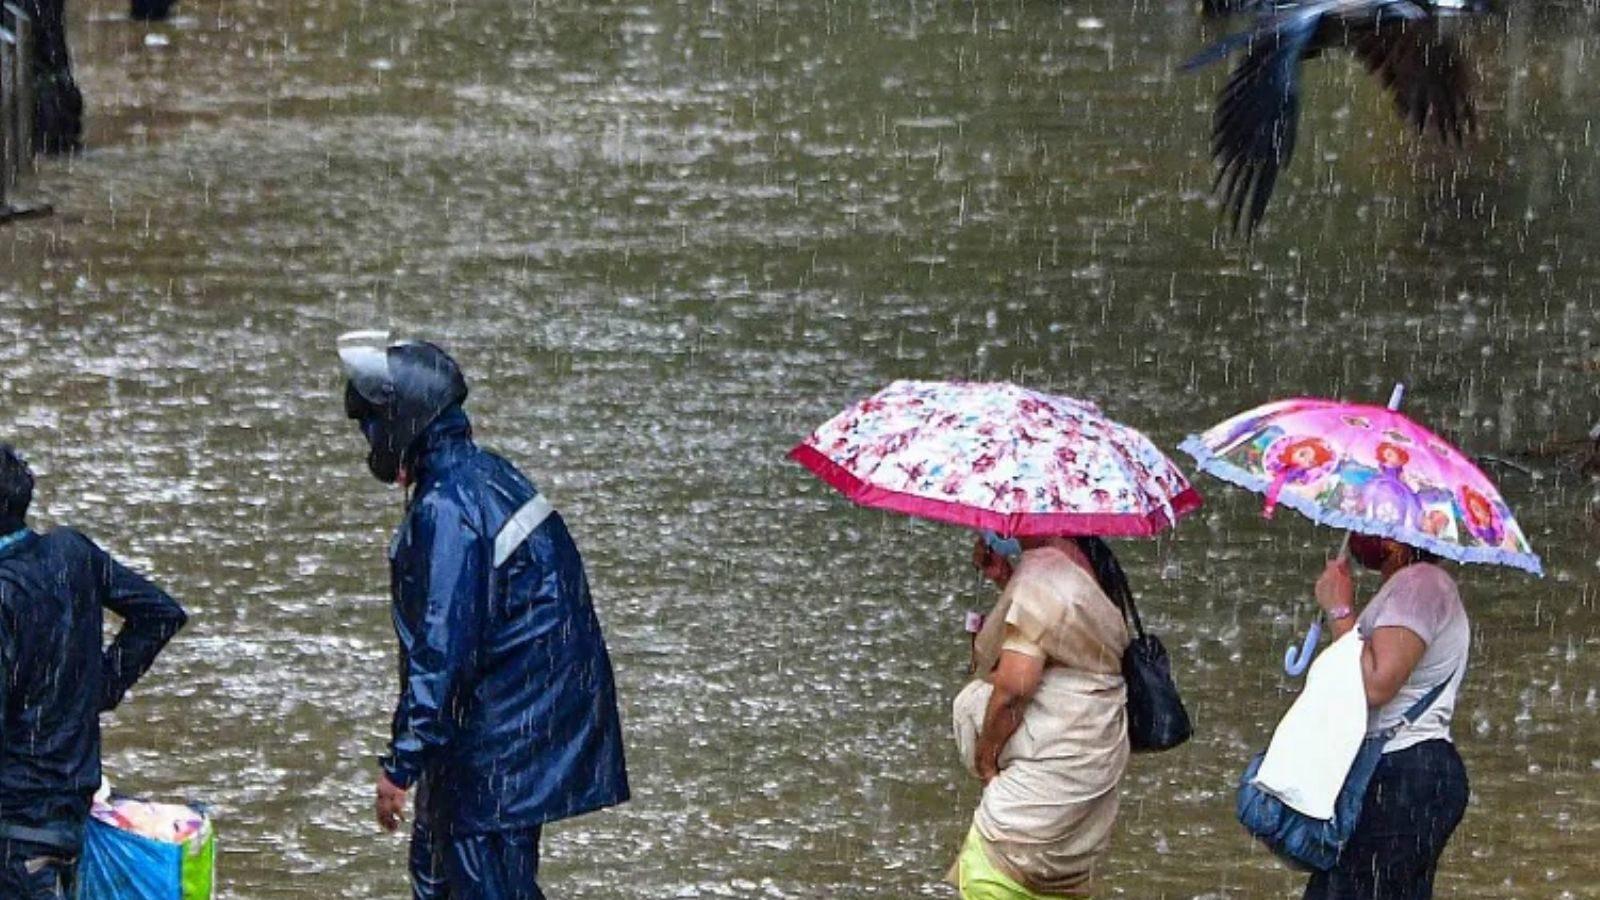 MP Weather Alert: प्रदेश में दिखेगा तूफान गुलाब का असर, कई हिस्सों में होगी आफत की बारिश